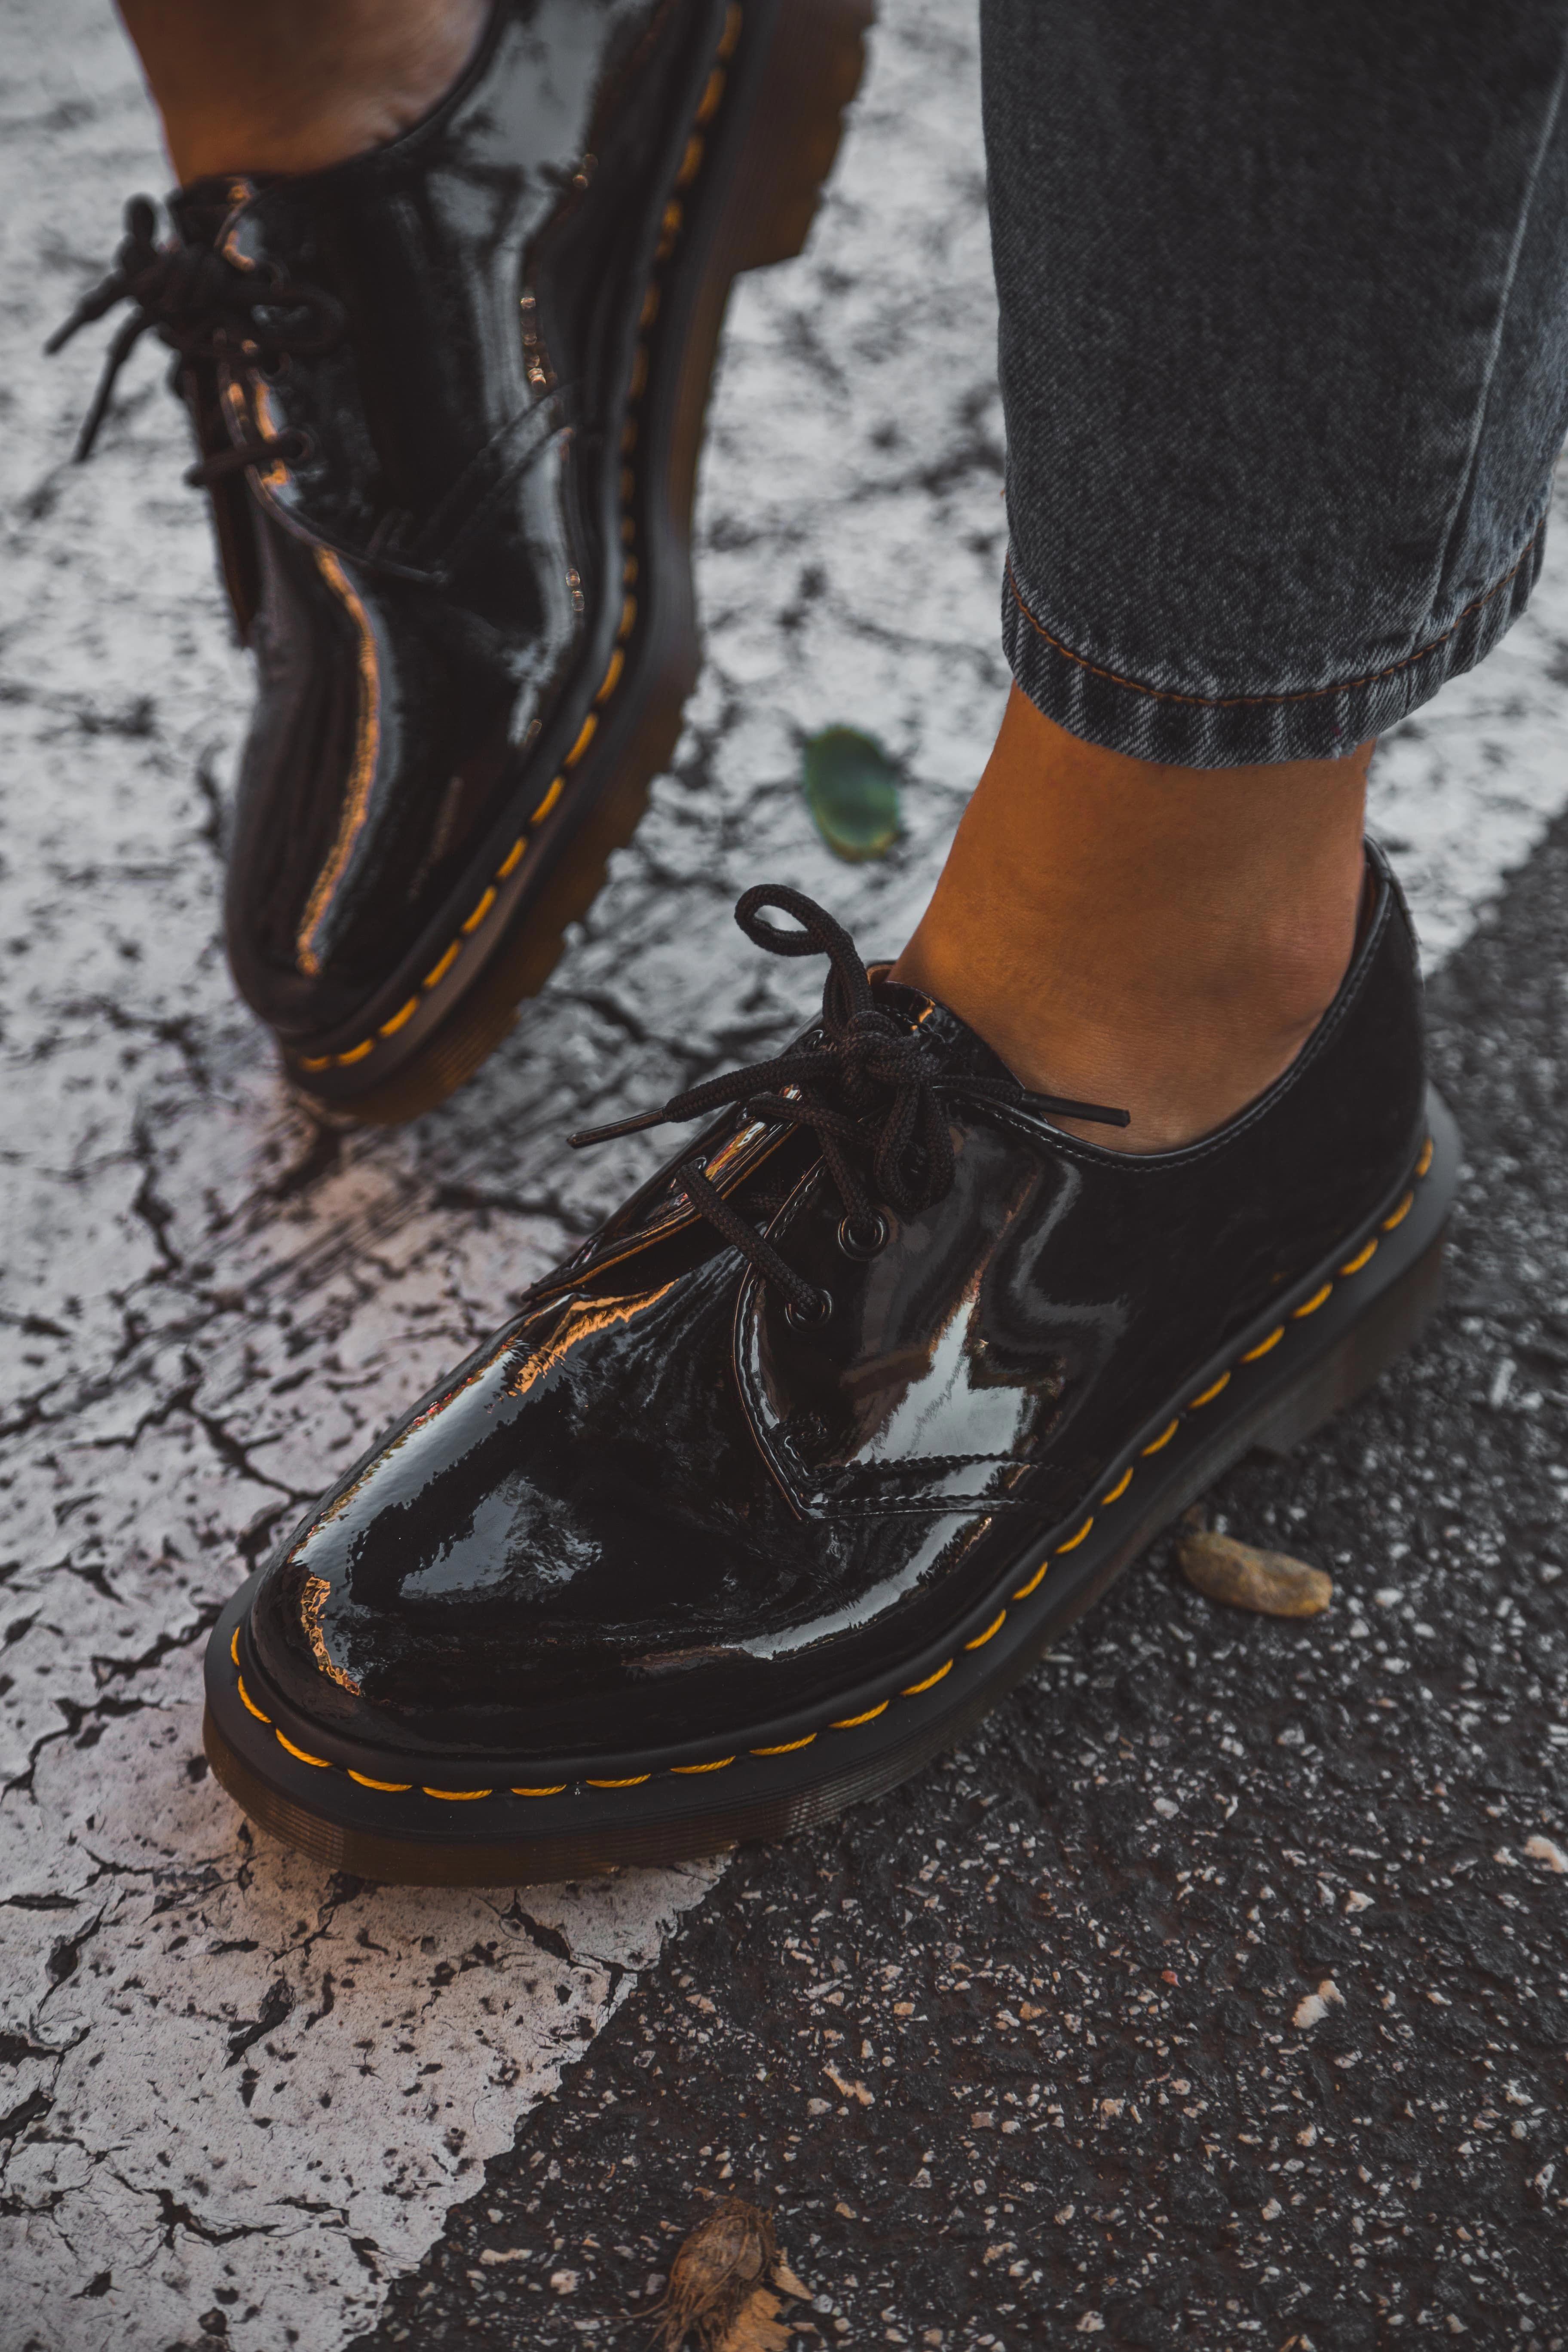 traje Turbulencia Portal  Buscas el zapato ideal para está temporada?⚡️ ¡No busques más! Encuentra en  Zapatos Mayka estás Dr. Mart… in 2020 | Dr martens shoes outfit, Dr martens  shoes, Outfit shoes